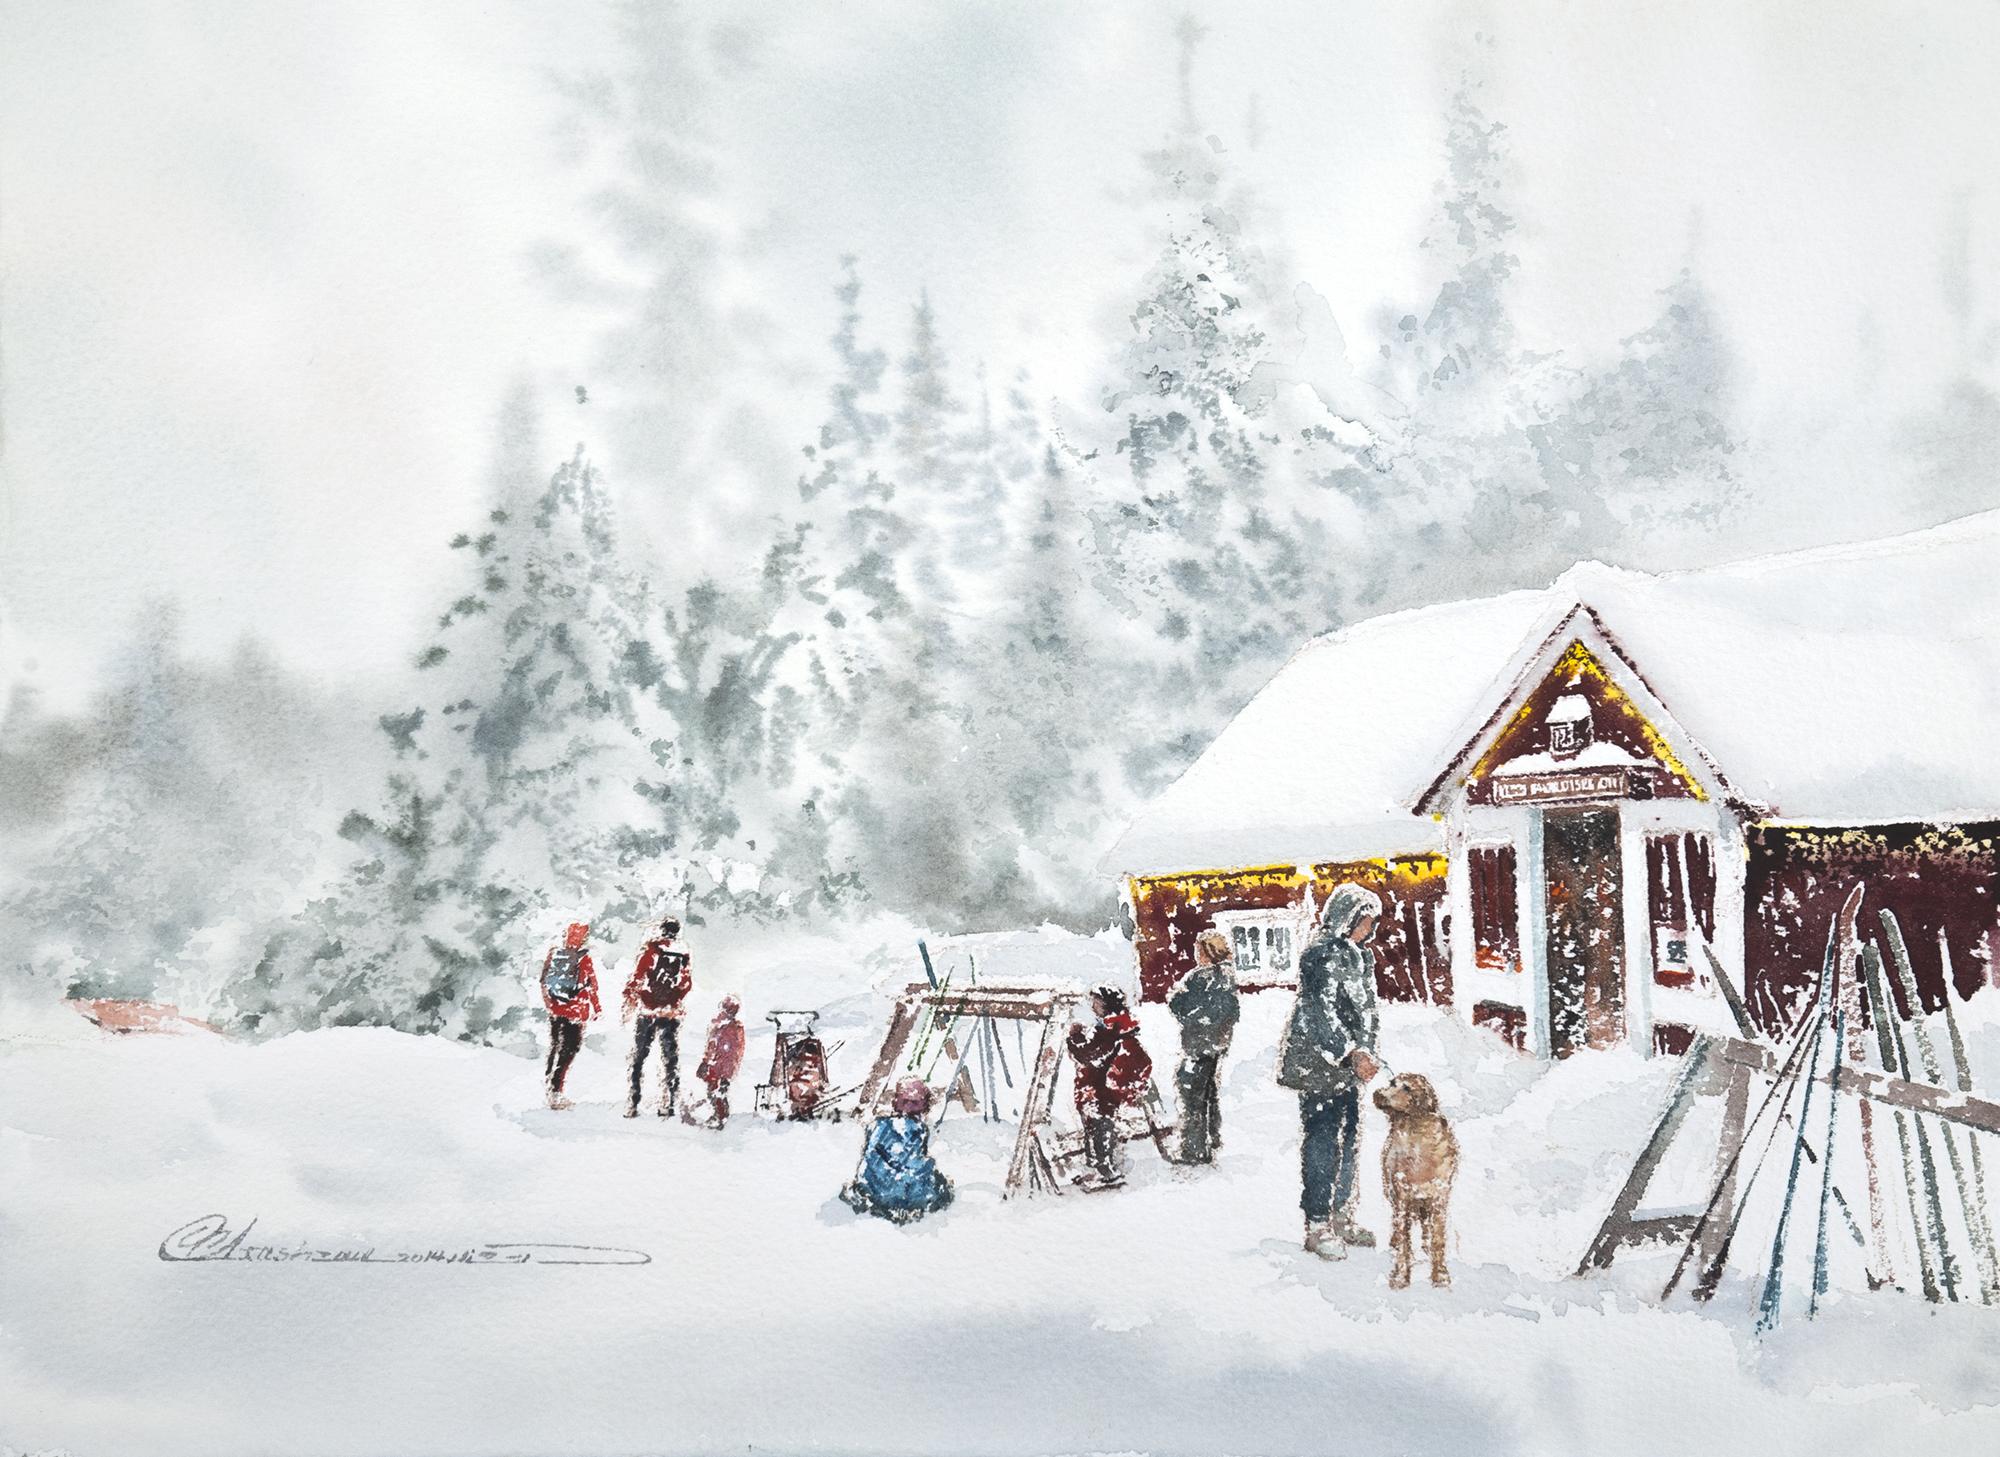 January 2017 - Hollyburn Lodge on Cypress Mountain by Mohammad Reza Atashzay